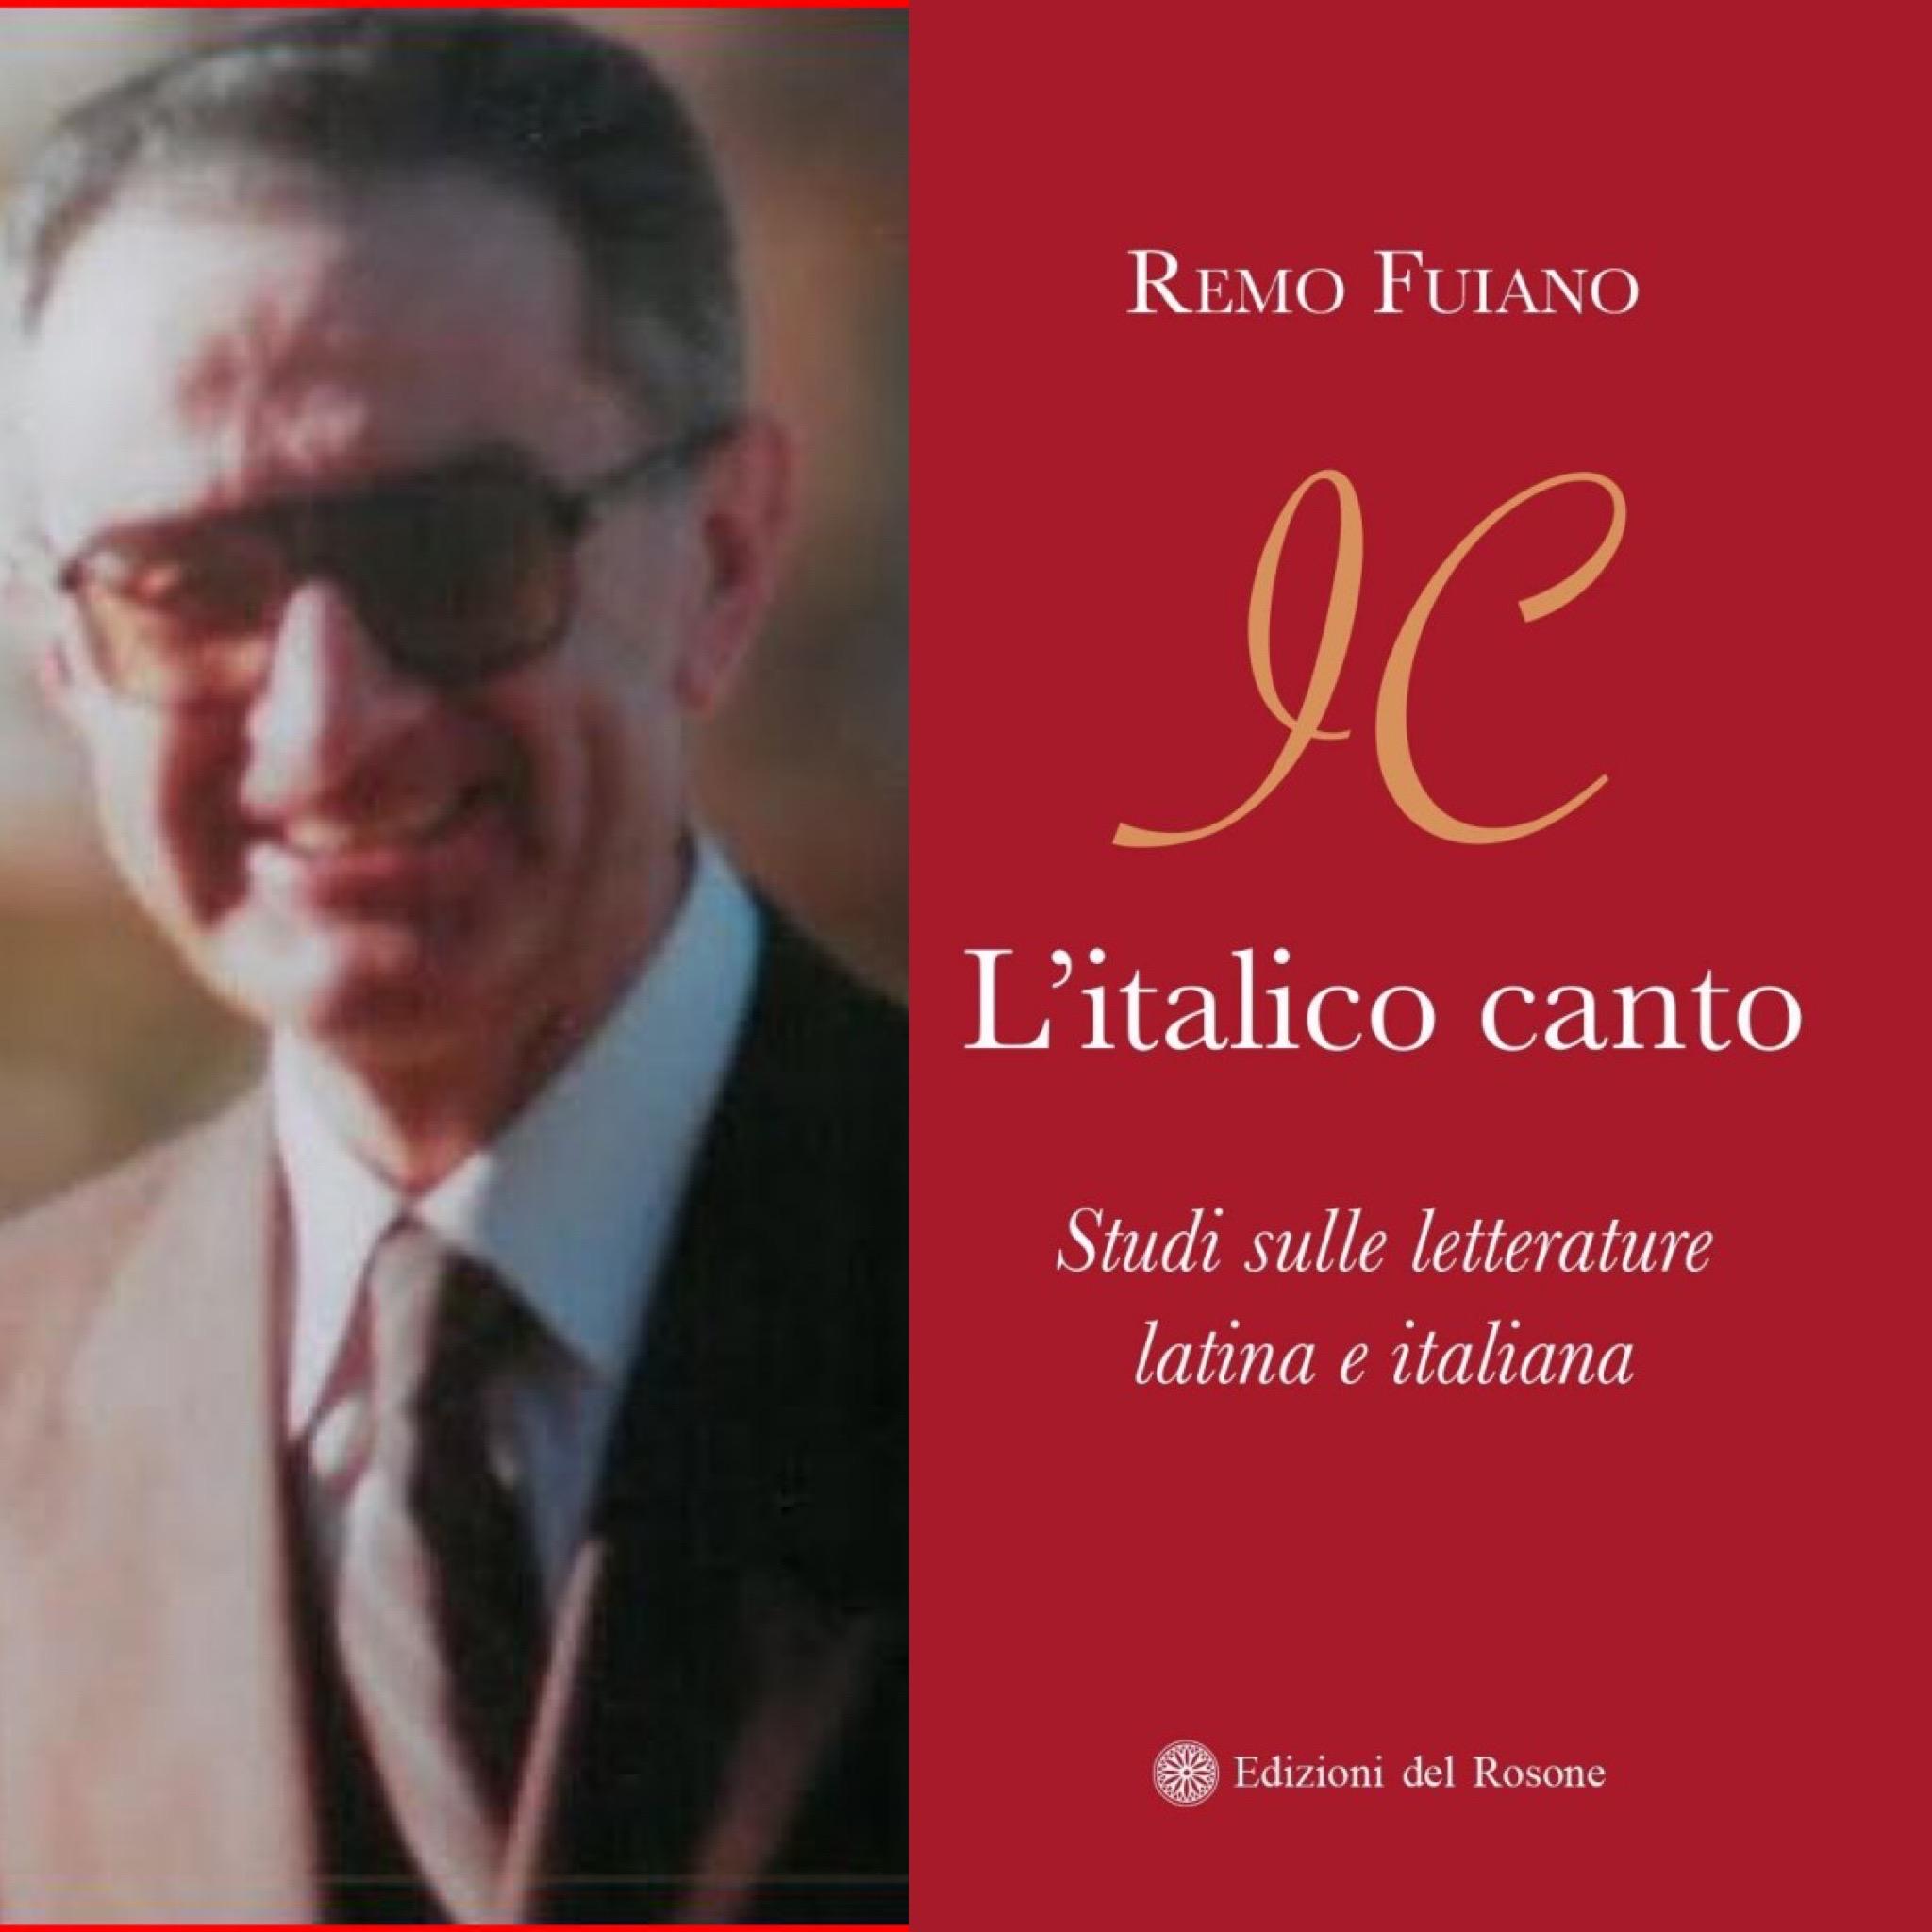 """""""L'ITALICO CANTO"""" DI REMO FUIANO: il ricordo per i cento anni dalla nascita."""